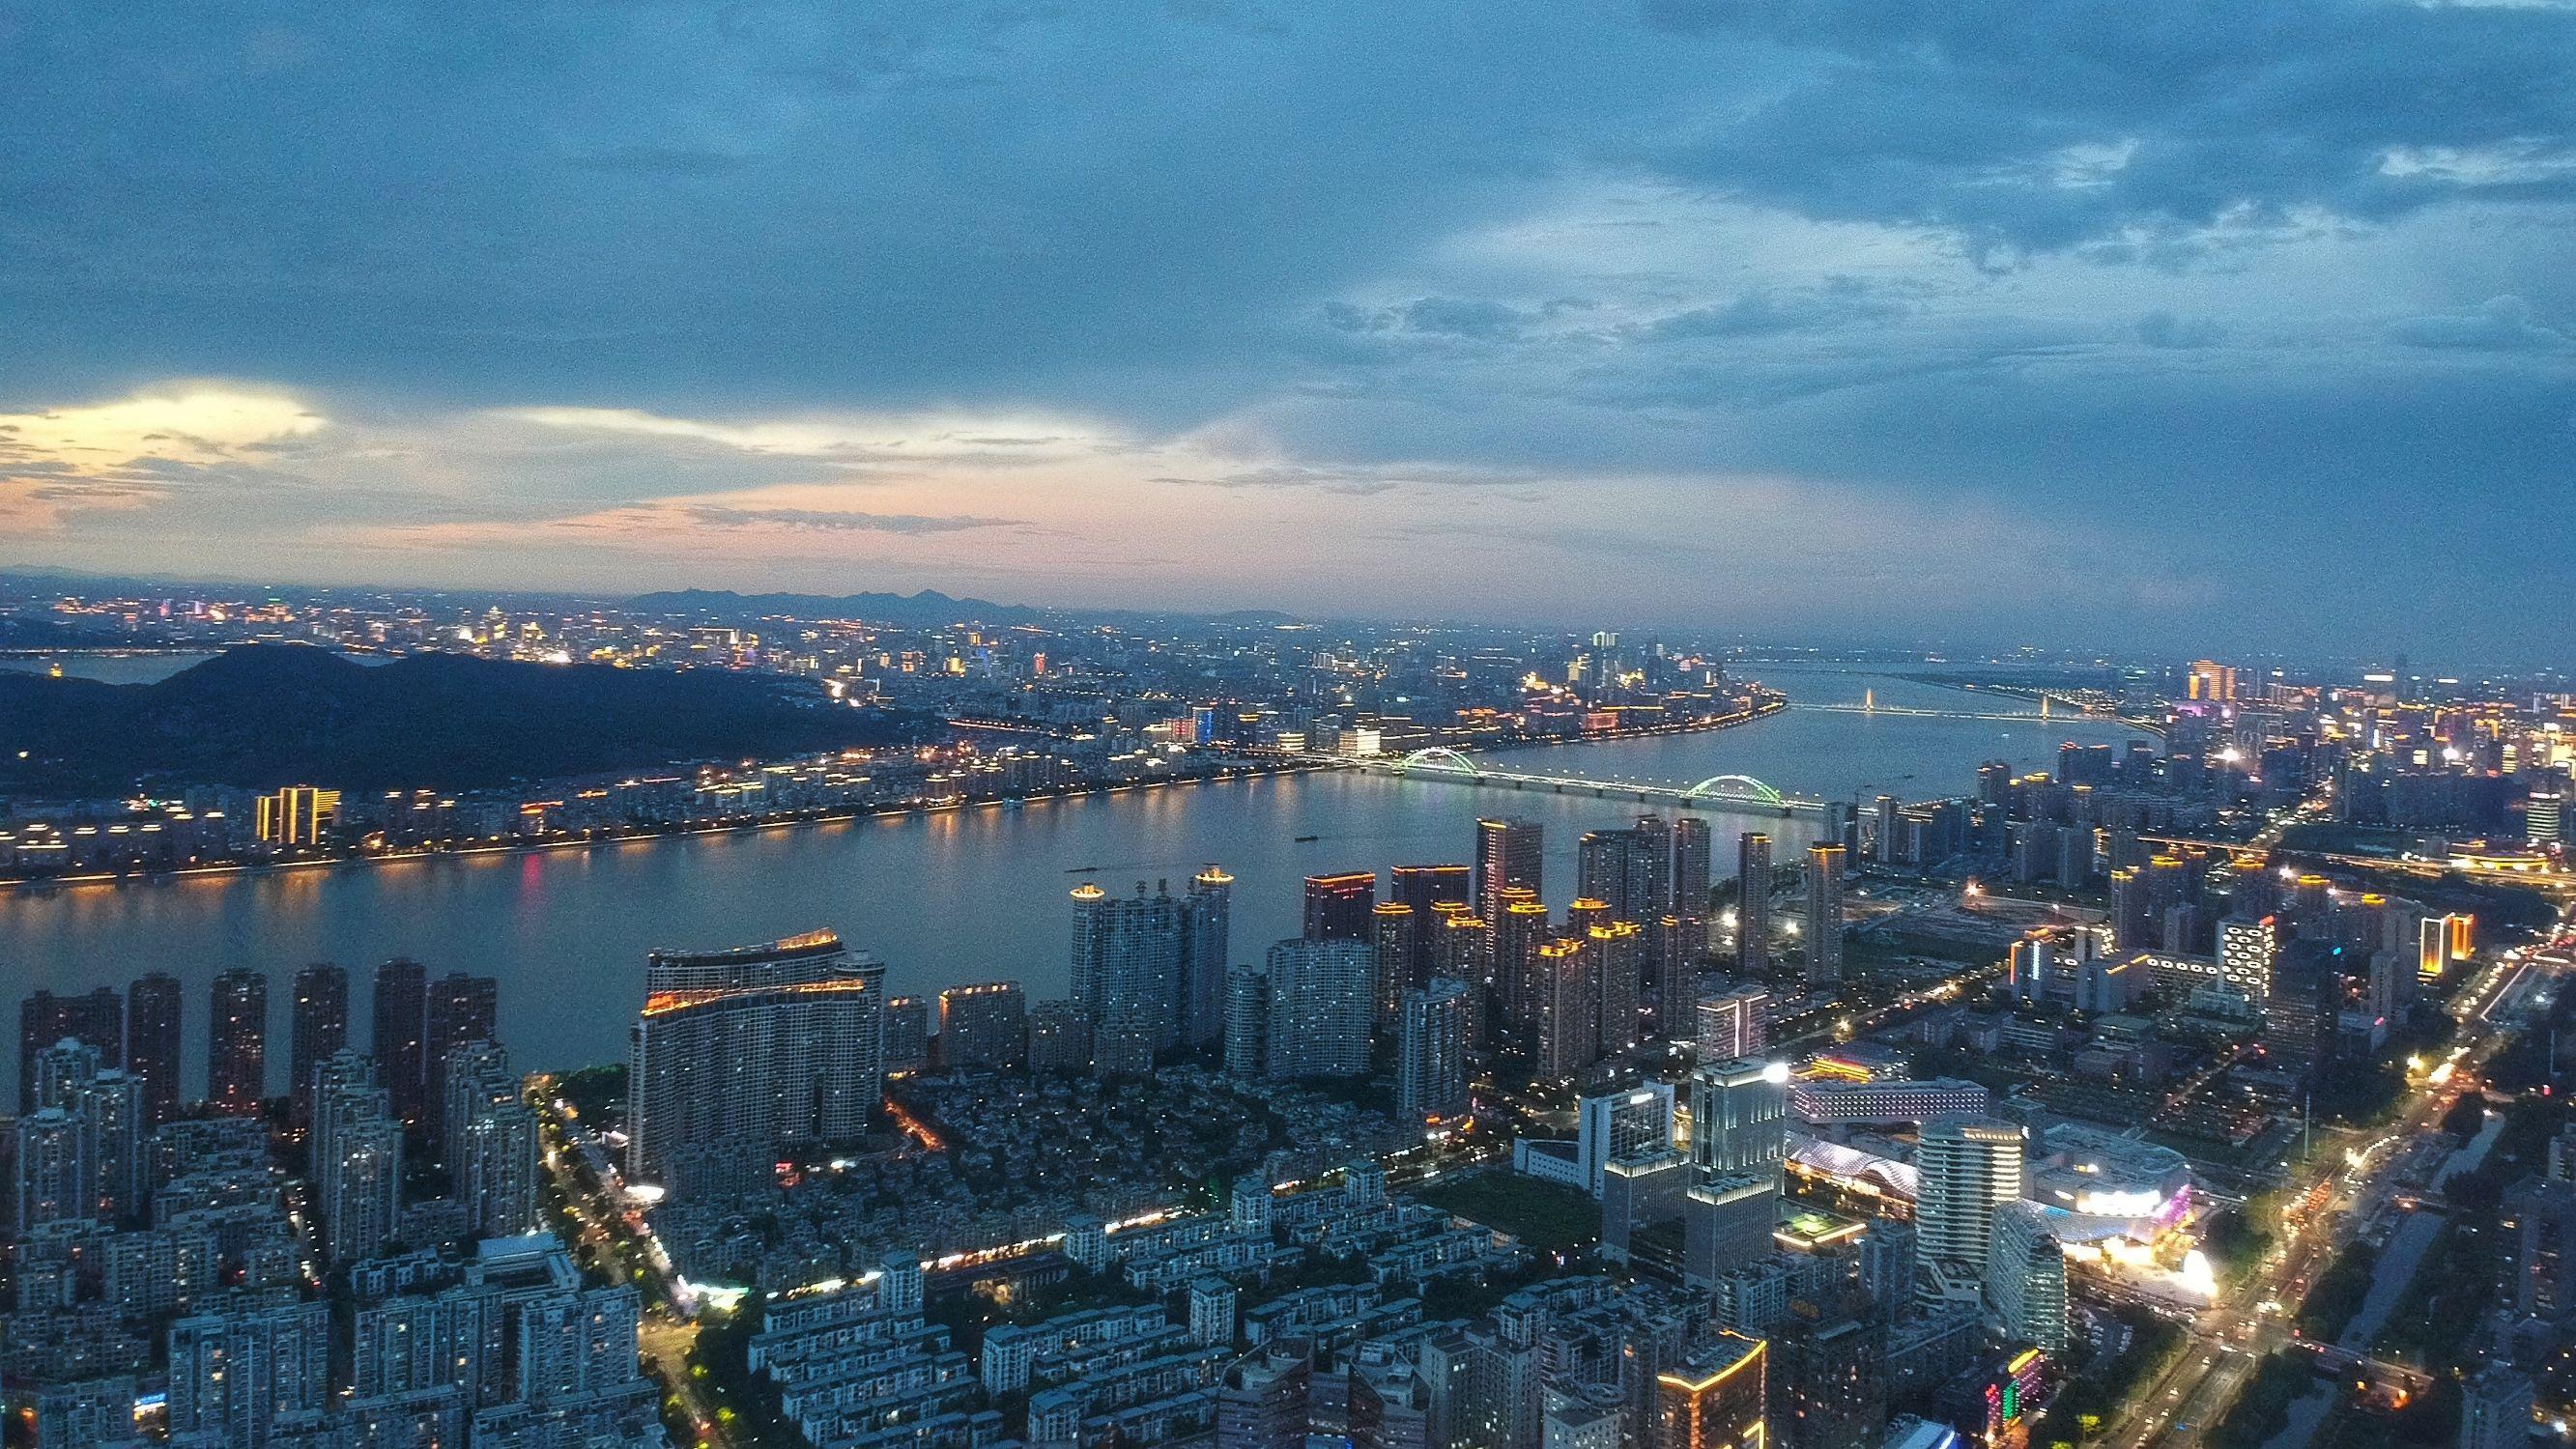 全球城市是大国标配,中国的全球城市在哪里?